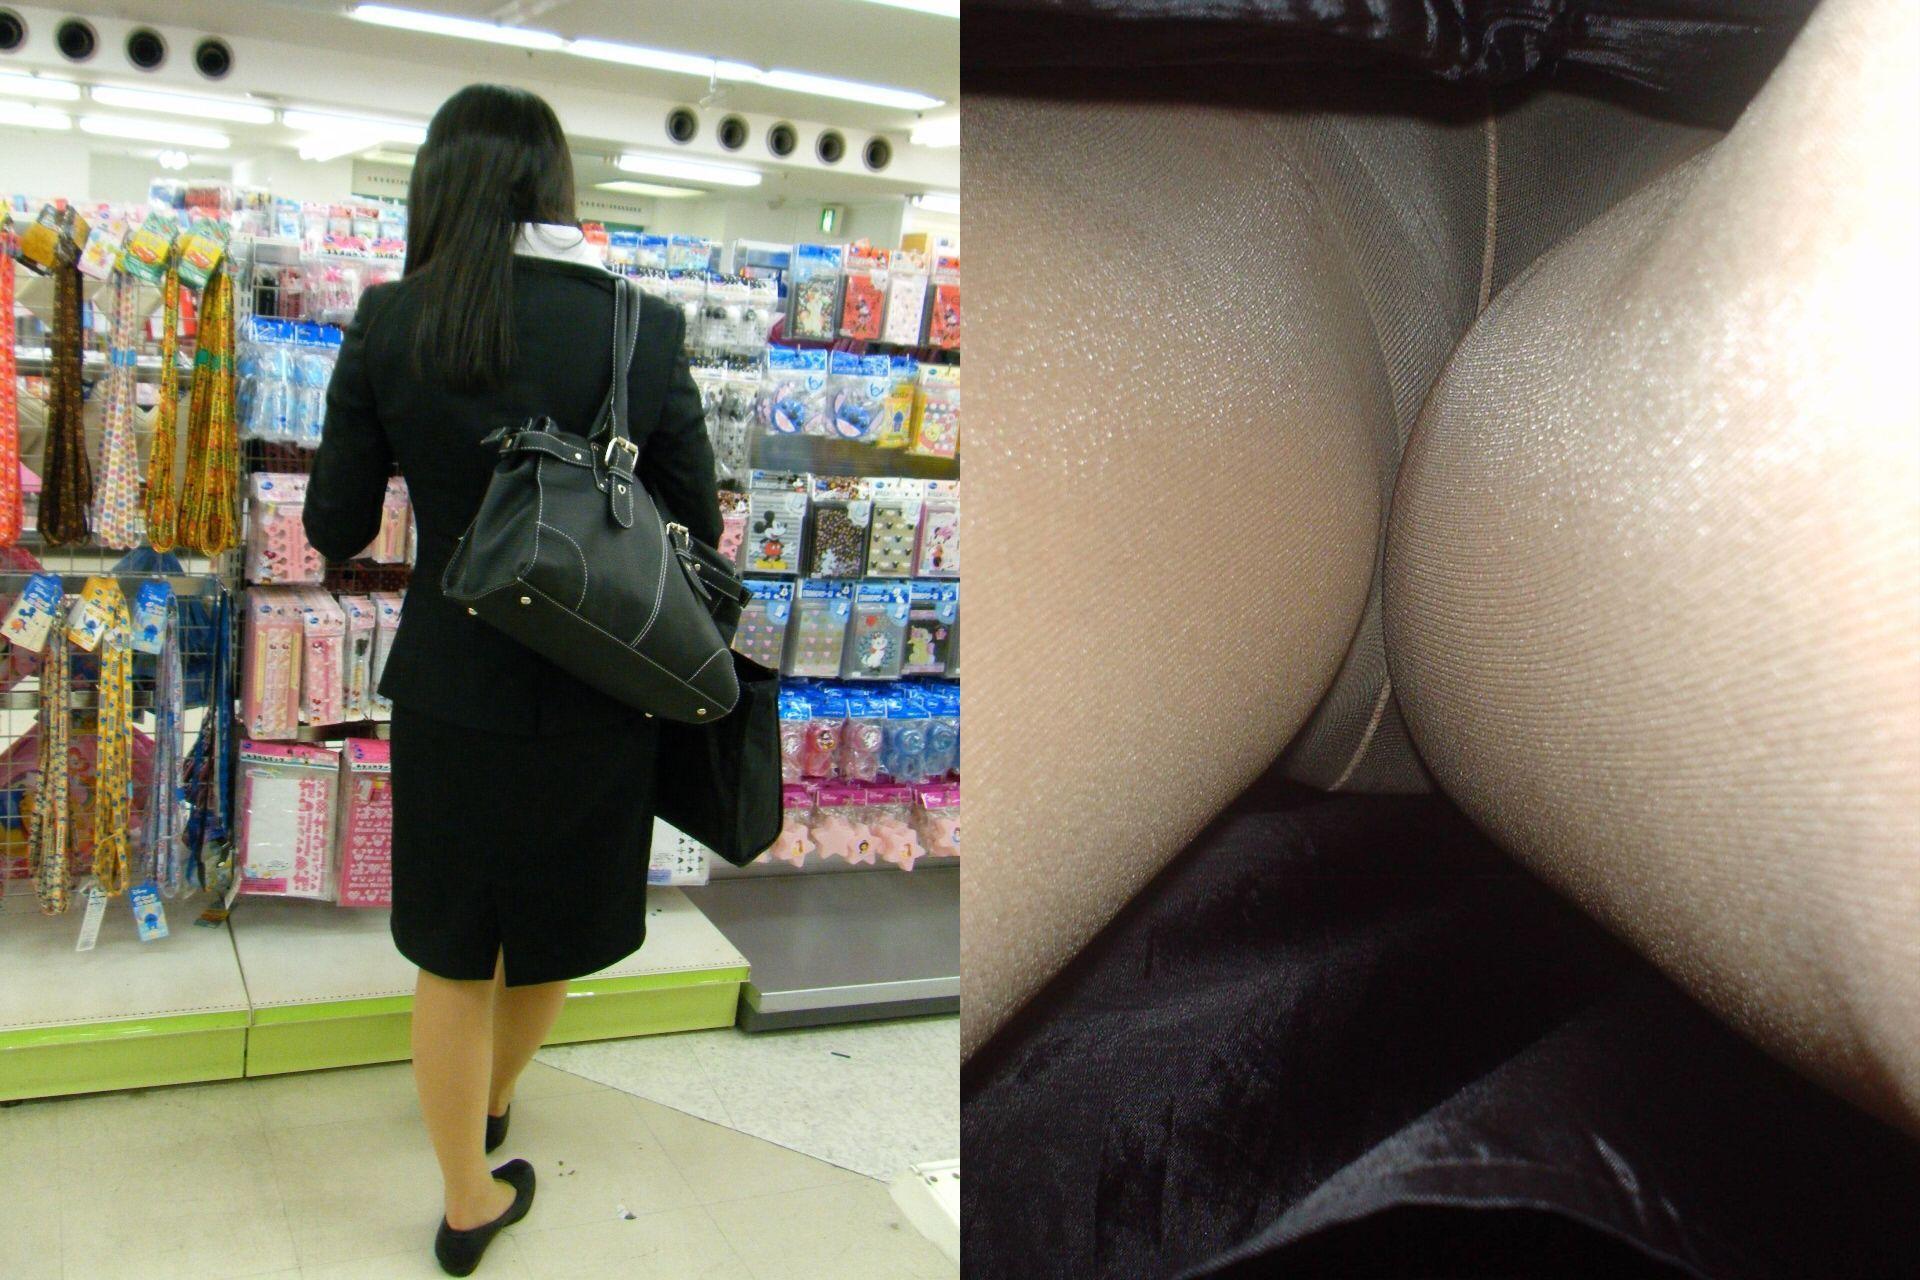 (逆さ撮り)リクルートスーツのOLさん達のスカートにカメラを突っ込んで収録したパンツ丸見え写真